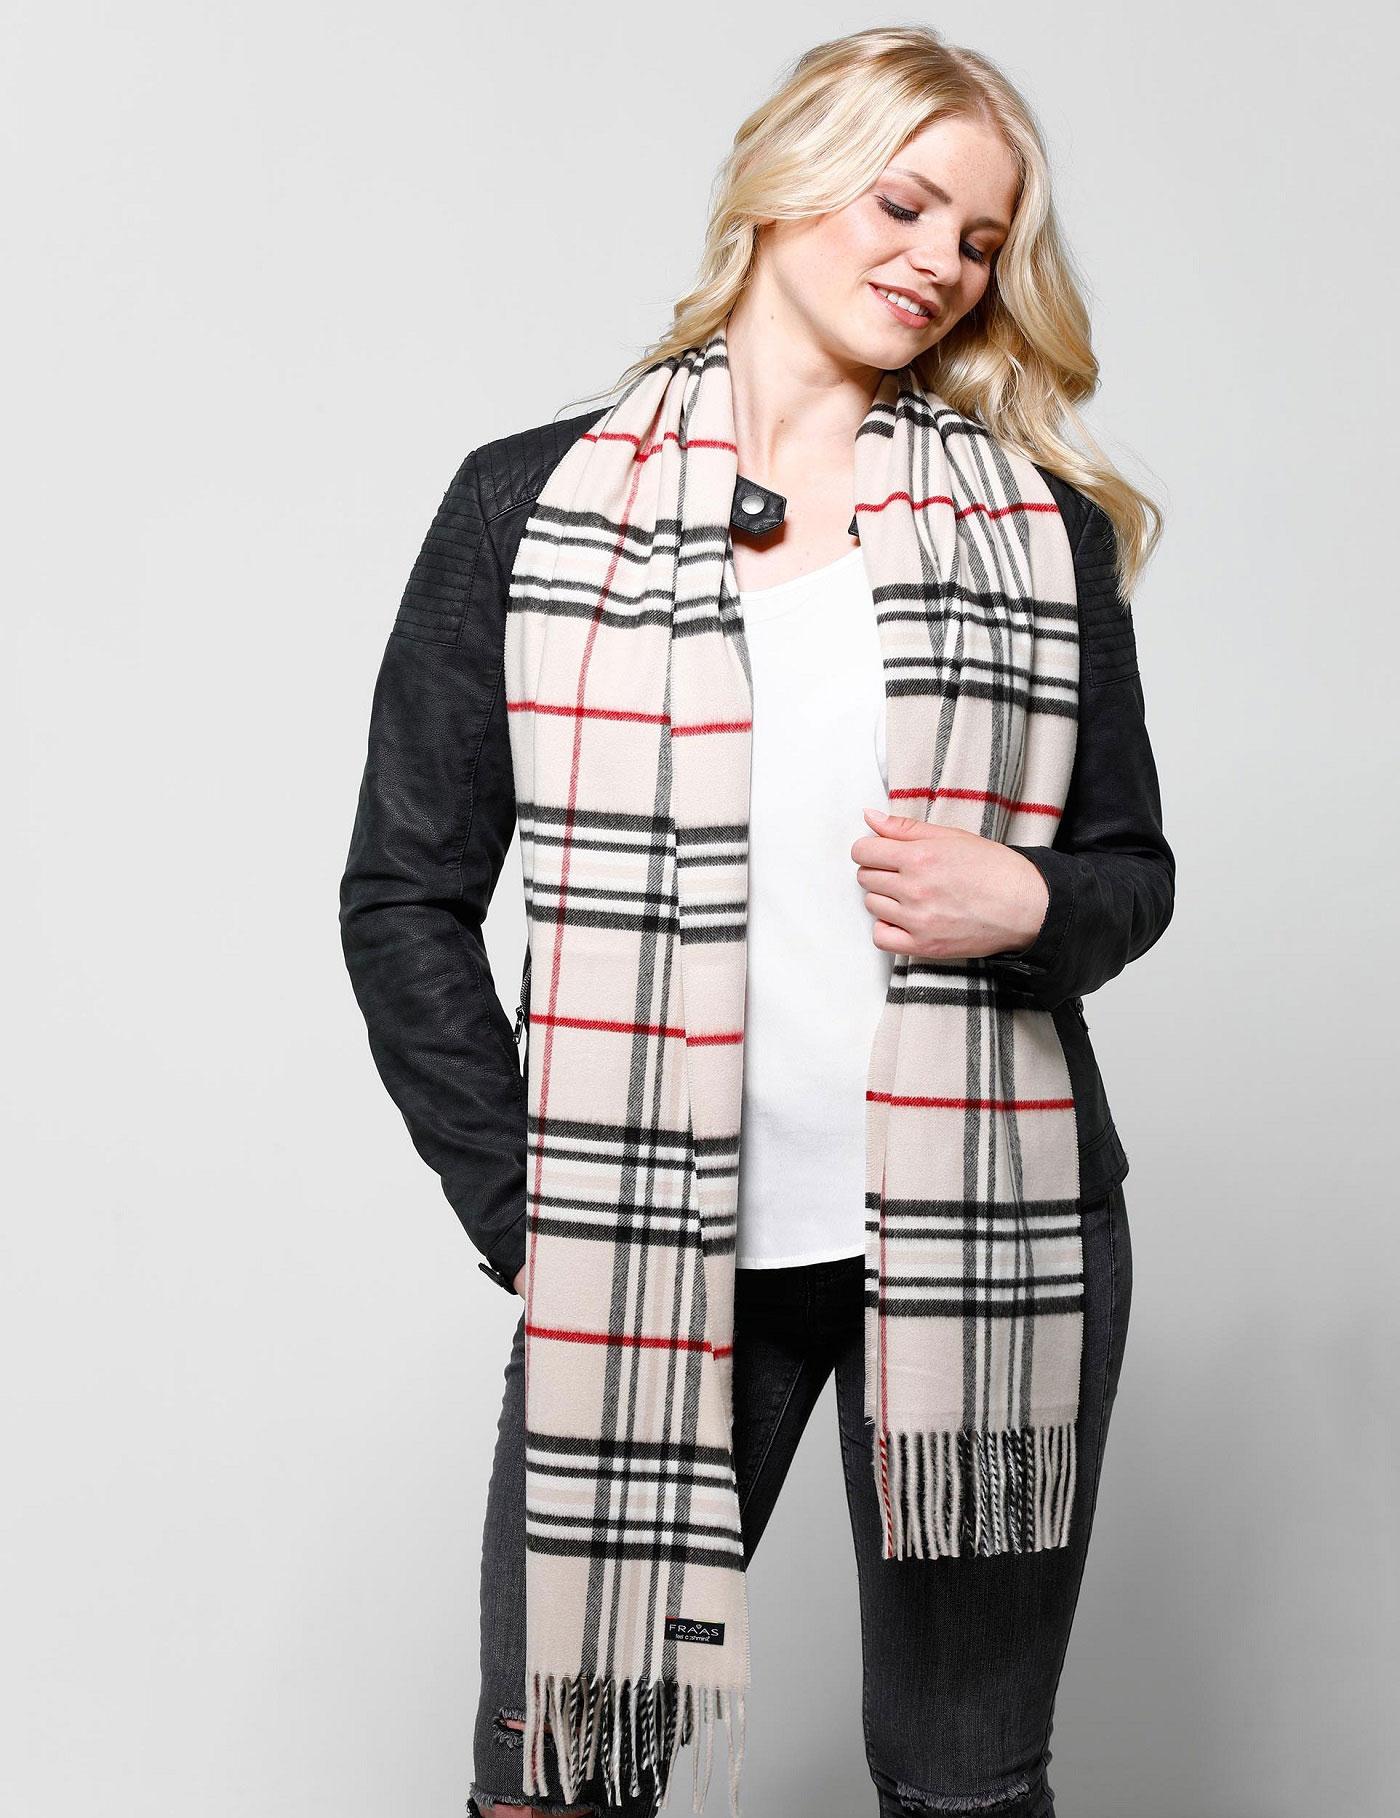 Mode für die Umwelt: kariert Schal aus wiederverwerteten Fasern